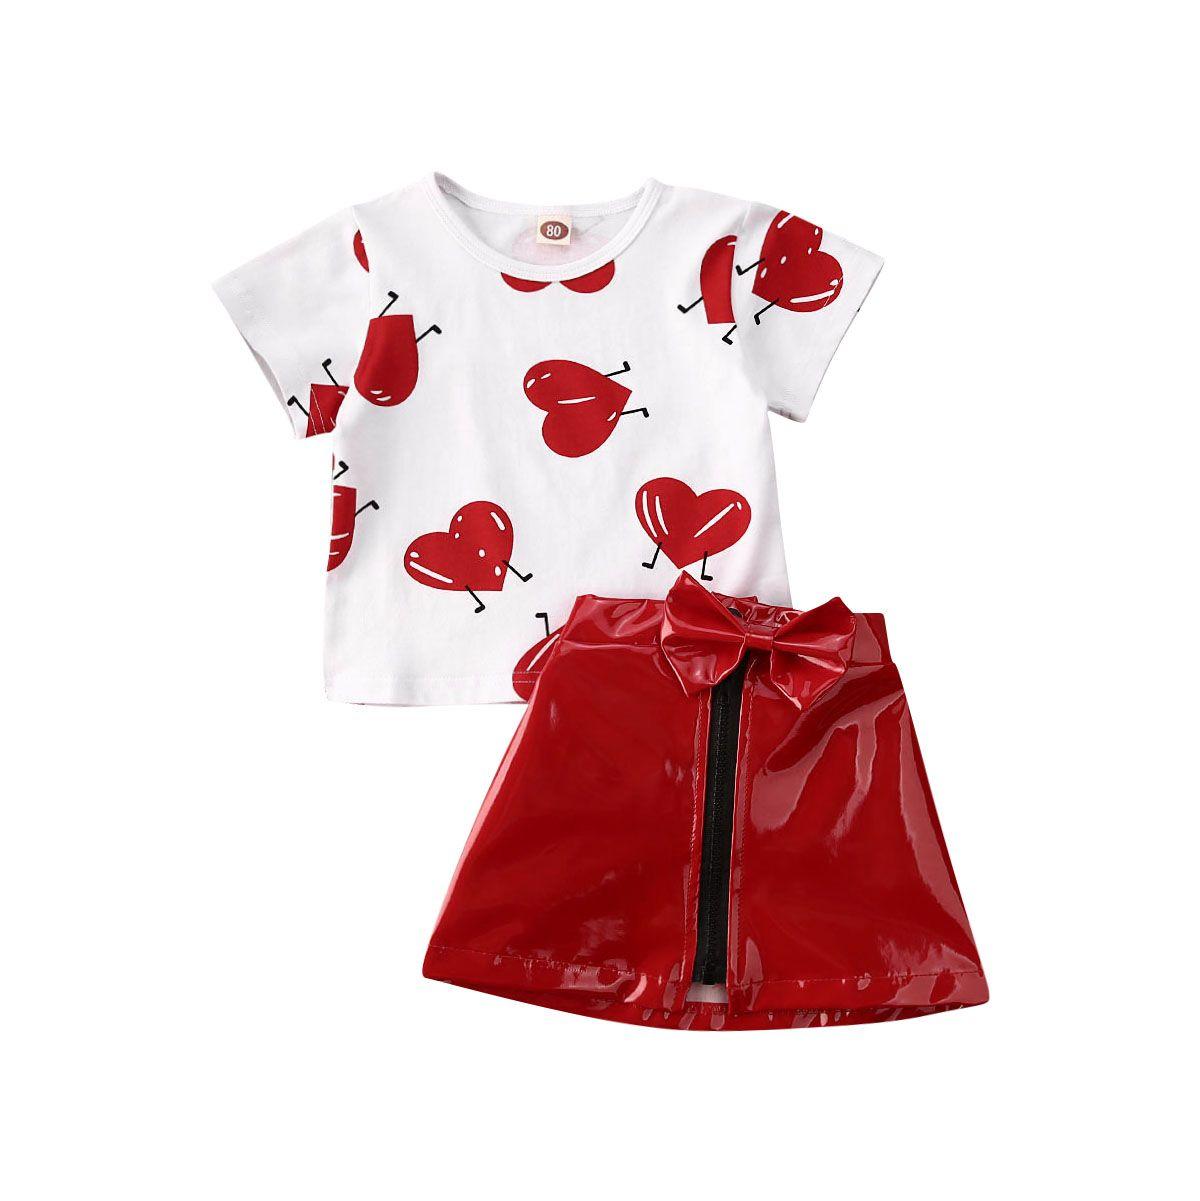 1-5Years Tout-petit Enfant Bébé fille Valentine Vêtements Amour Top T-shirt Jupe en cuir Outfit